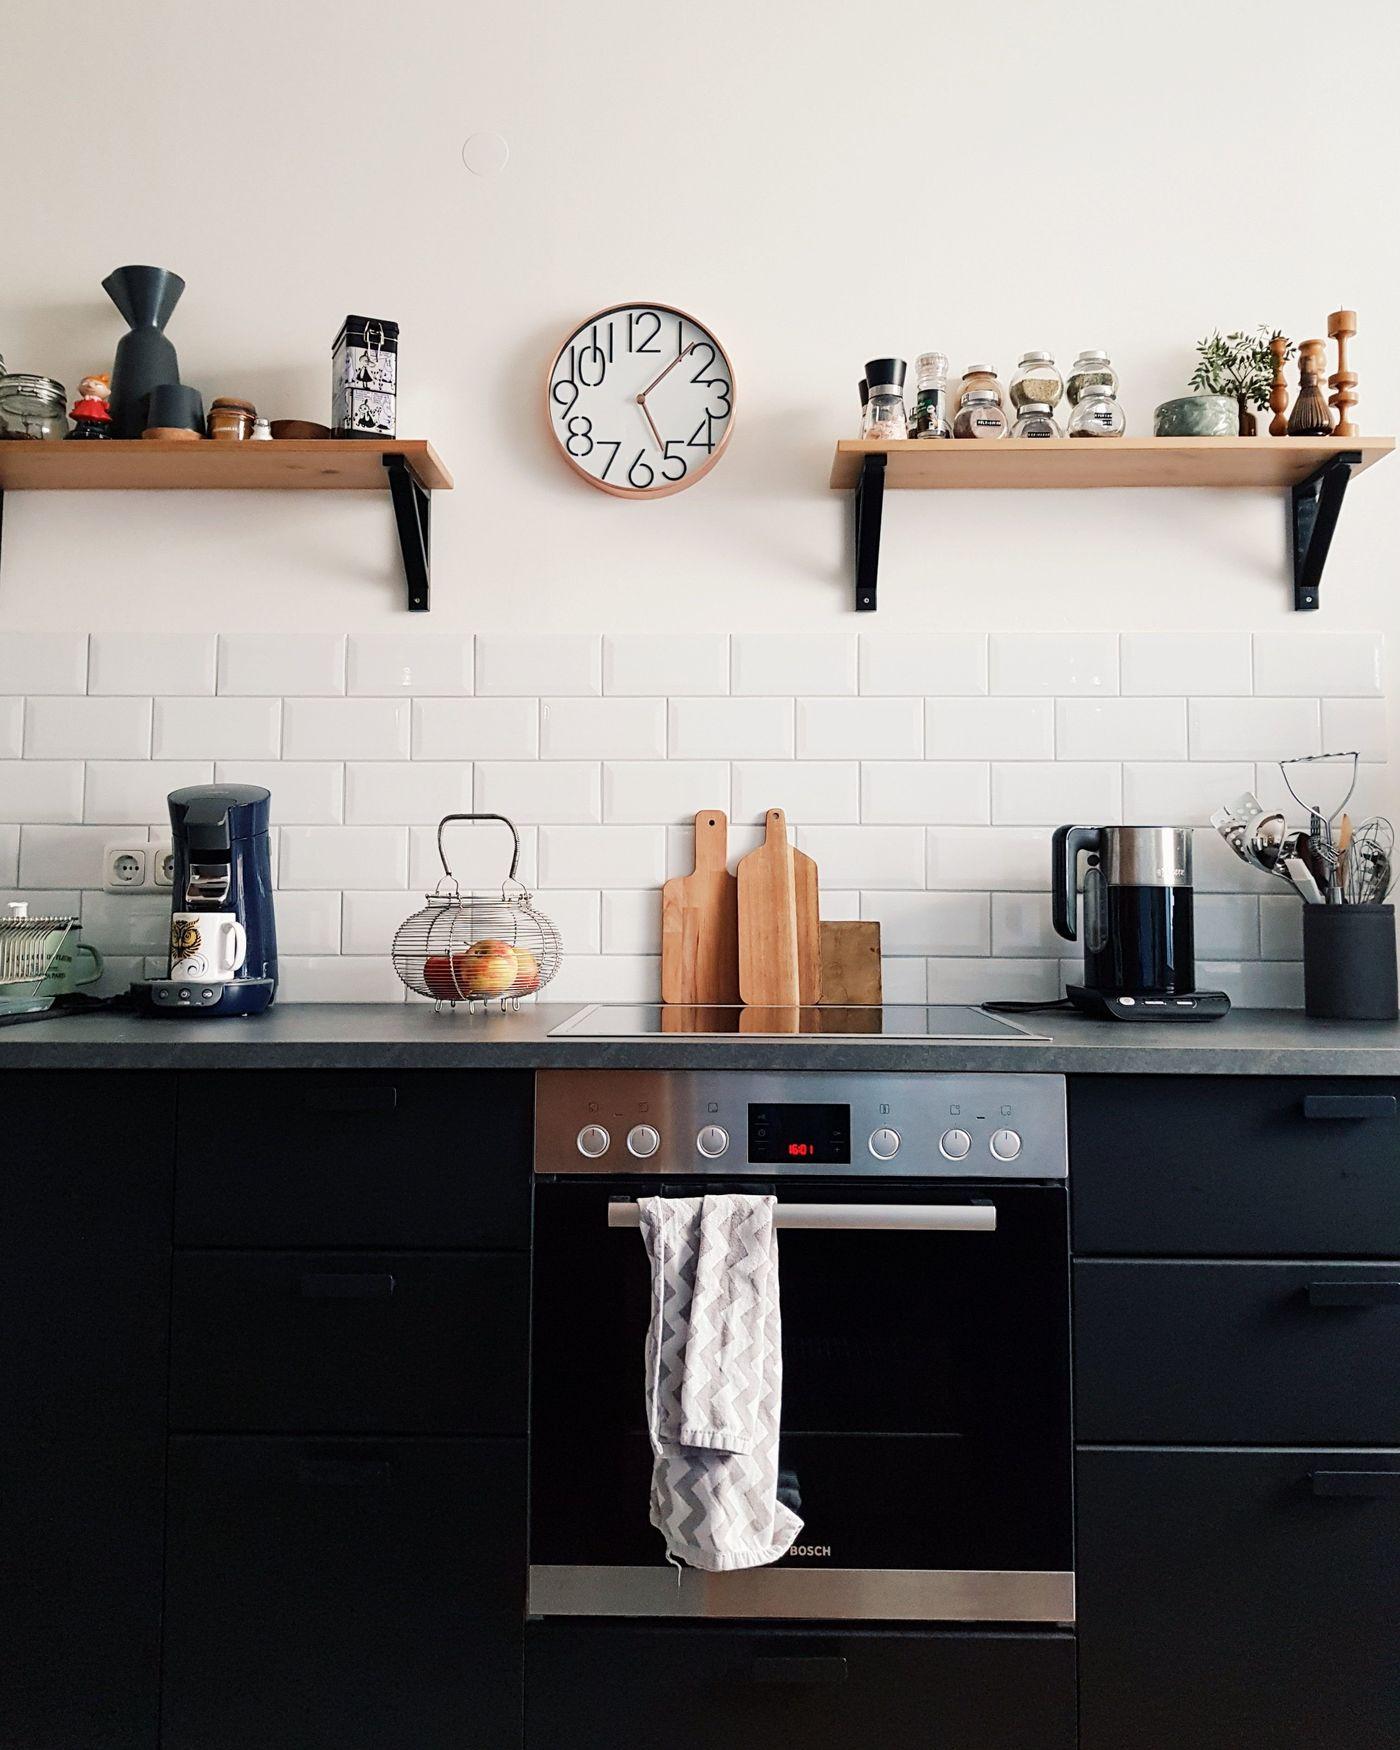 Full Size of Küchen Fliesenspiegel Kchenrckwand Materialien Küche Glas Regal Selber Machen Wohnzimmer Küchen Fliesenspiegel